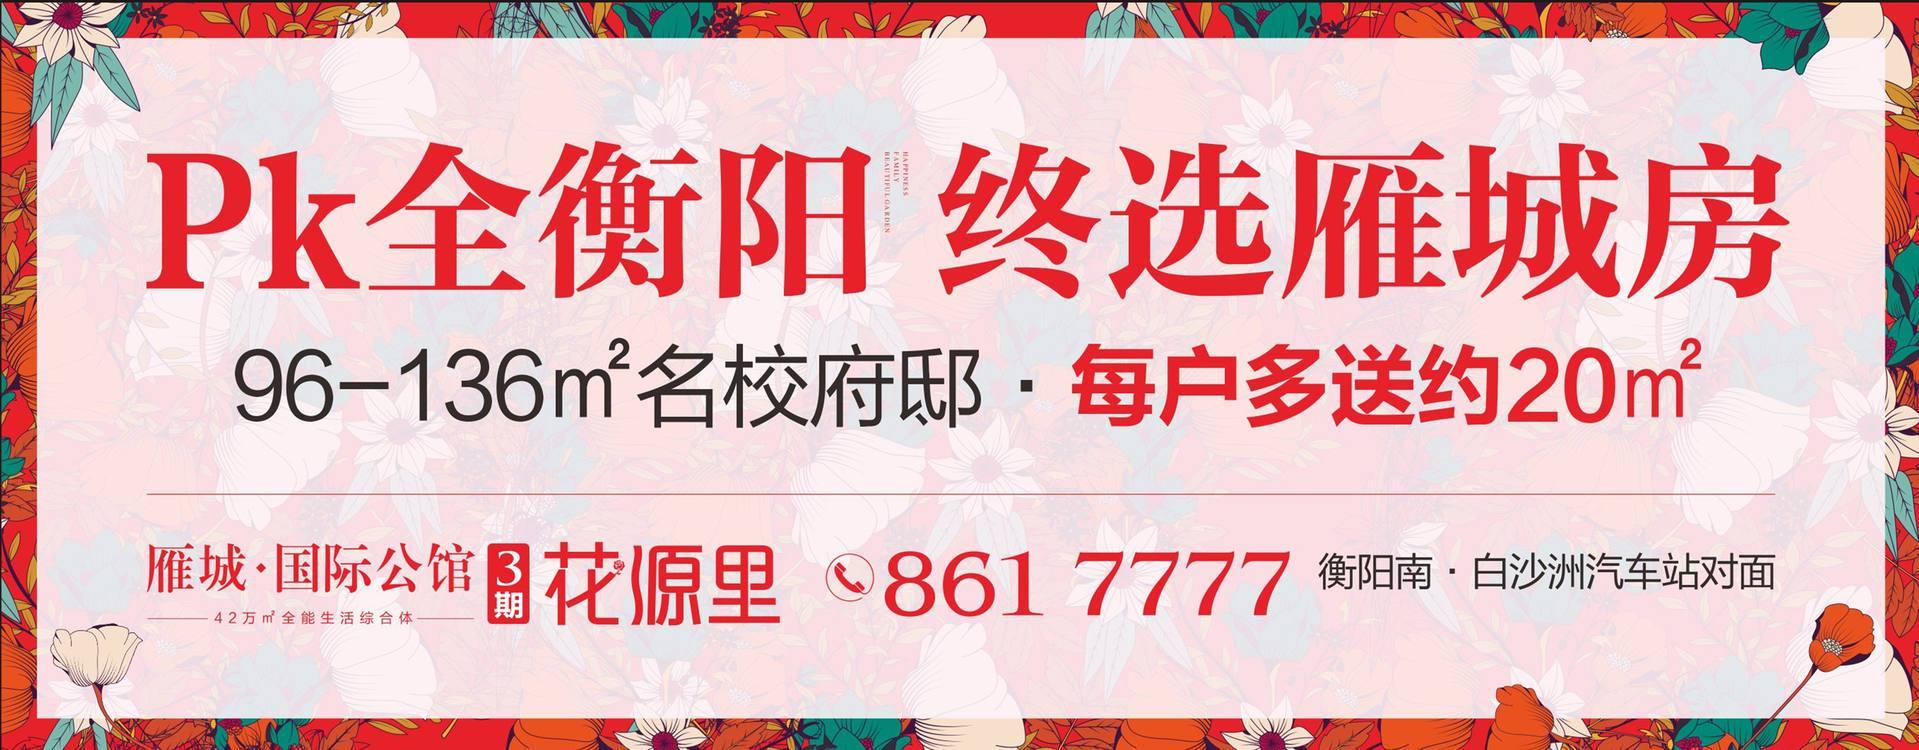 2017中华小姐环球大赛总决赛落幕 李明子夺得冠军桂冠